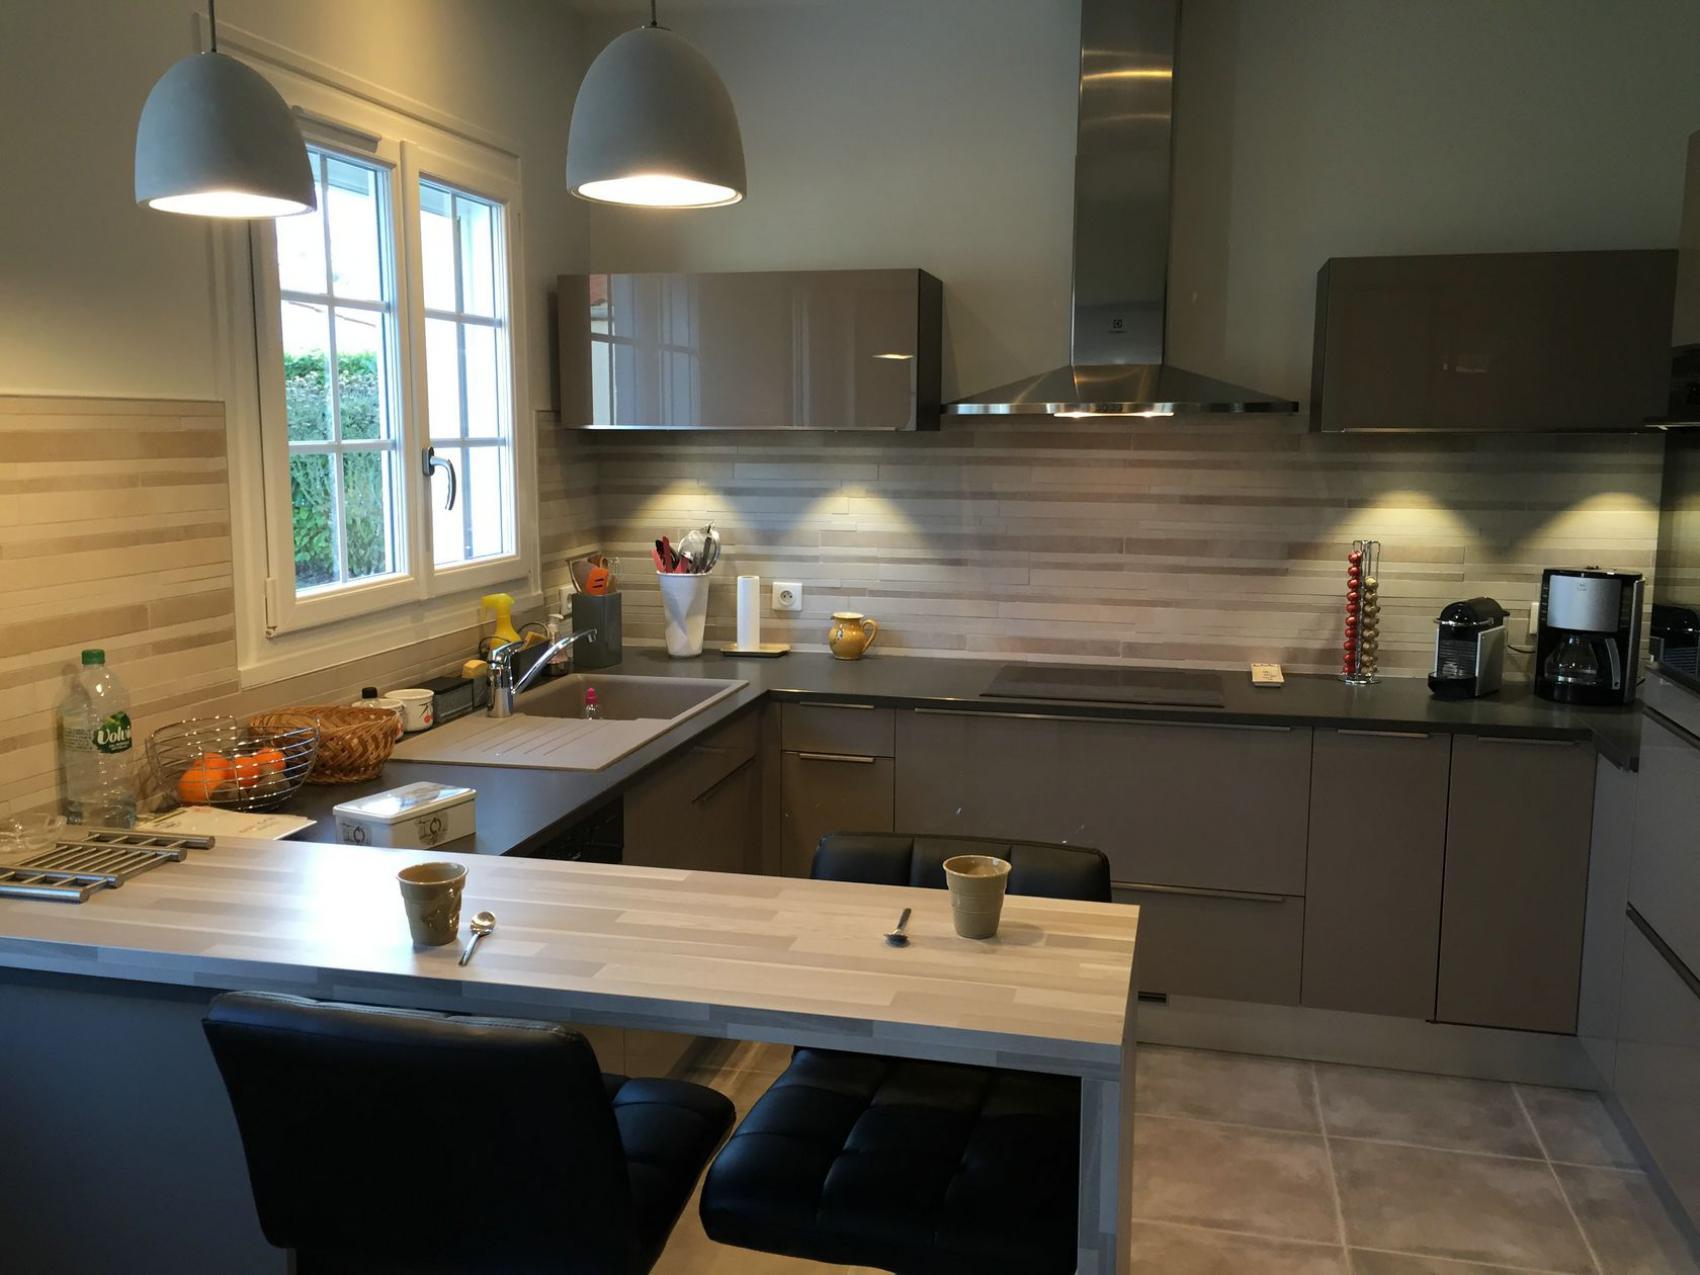 transformation de cuisine avec verri re atelier lagord pr s de la rochelle. Black Bedroom Furniture Sets. Home Design Ideas